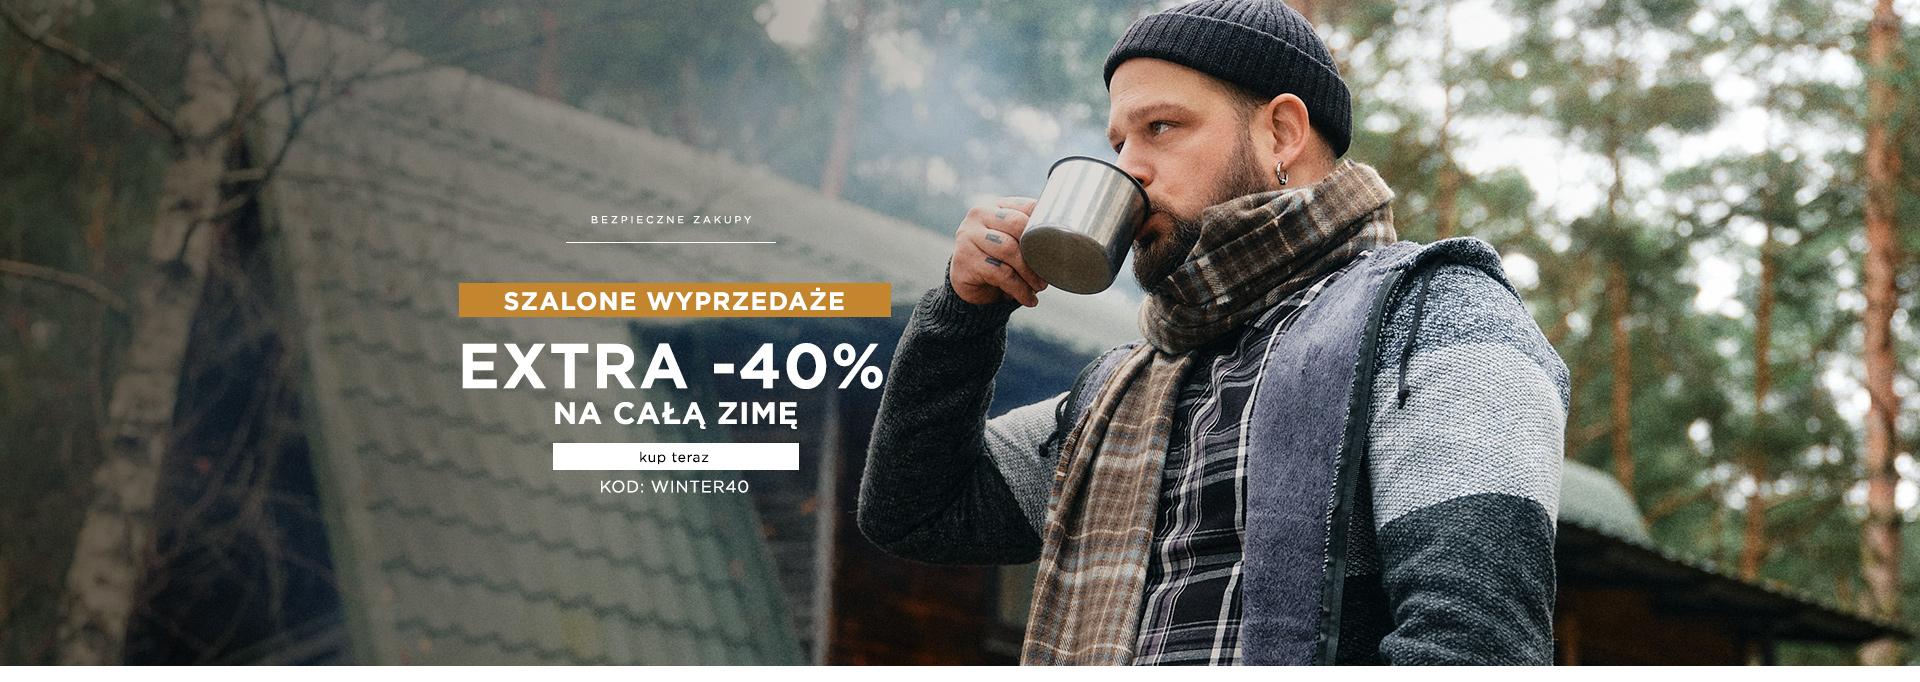 Extra -40% na całą zimę